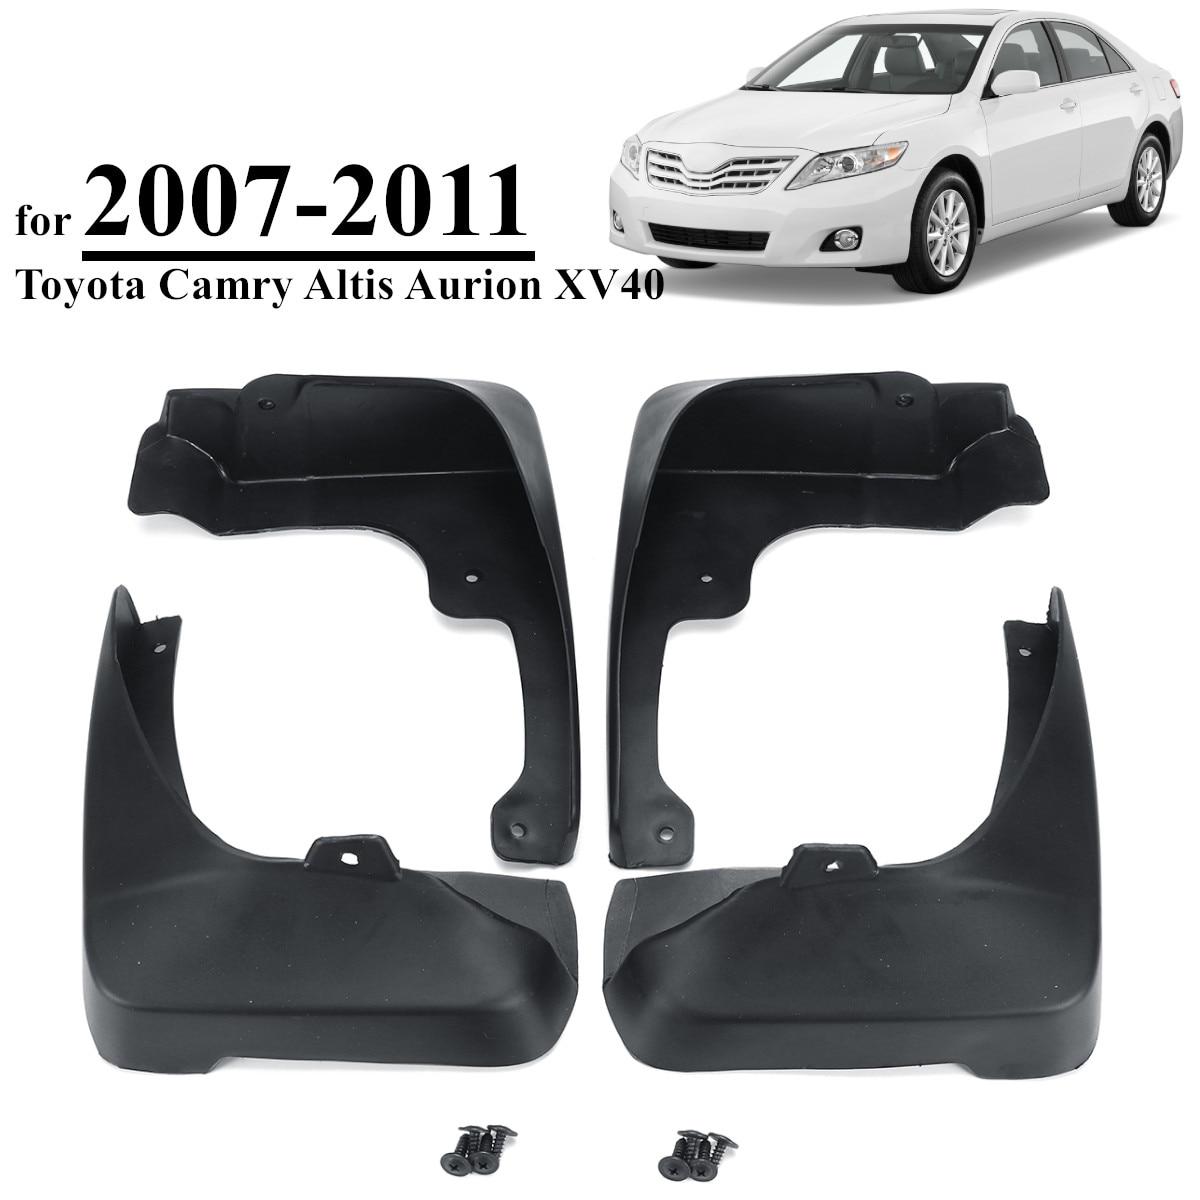 Für Toyota Camry Altis Aurion XV40 2007-2011 Auto Schlamm Klappen Fender Flares Kotflügel Schmutzfänger Splash Guards